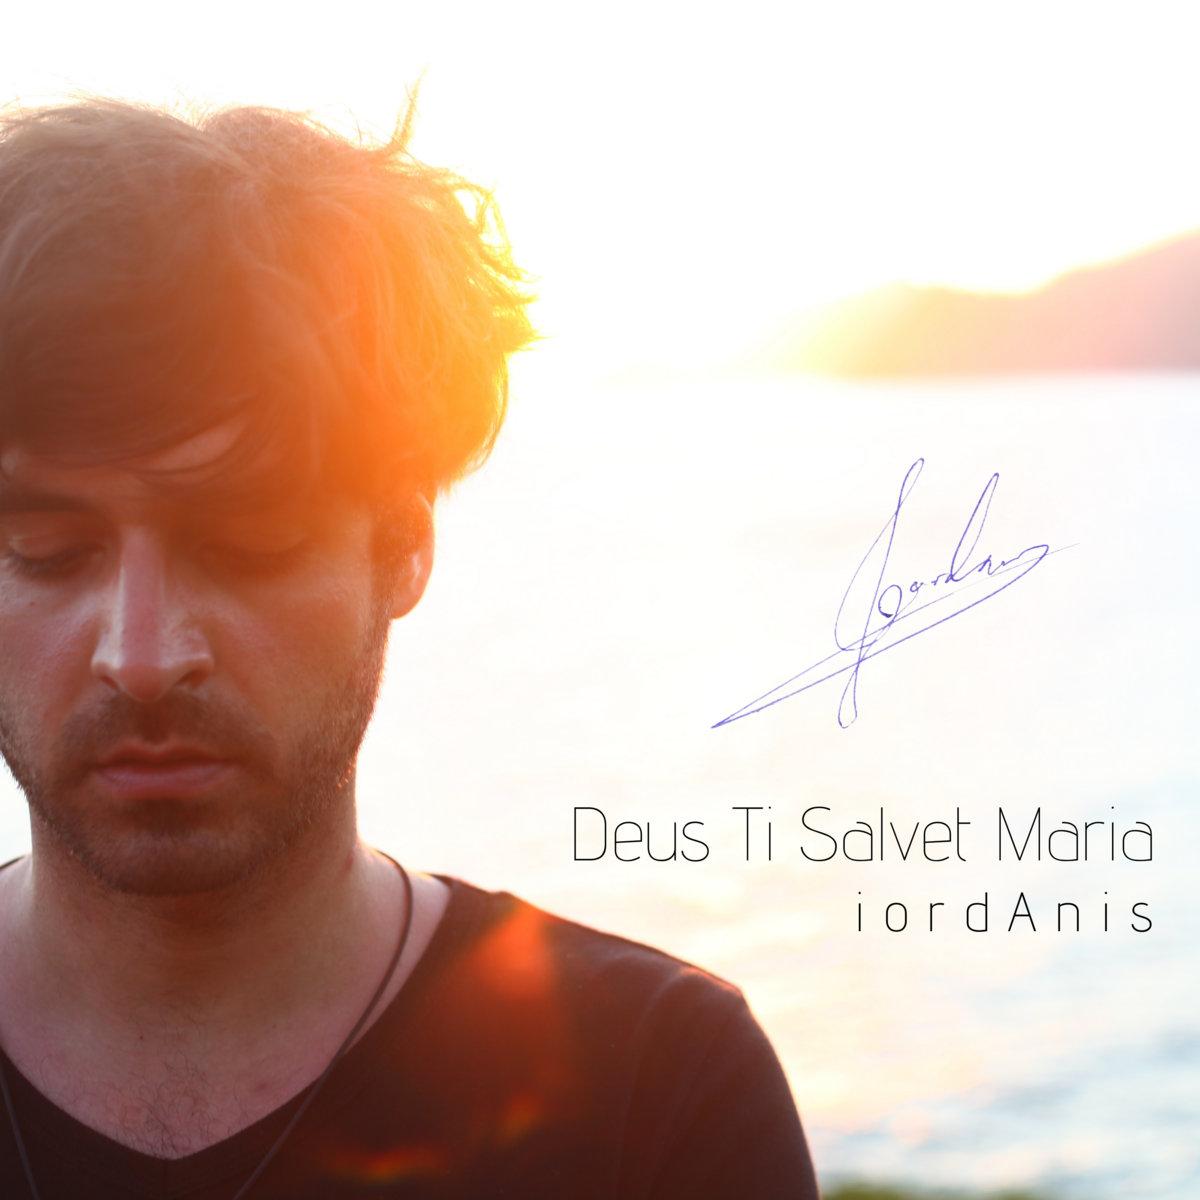 Deus Ti Salvet Maria by iordAnis